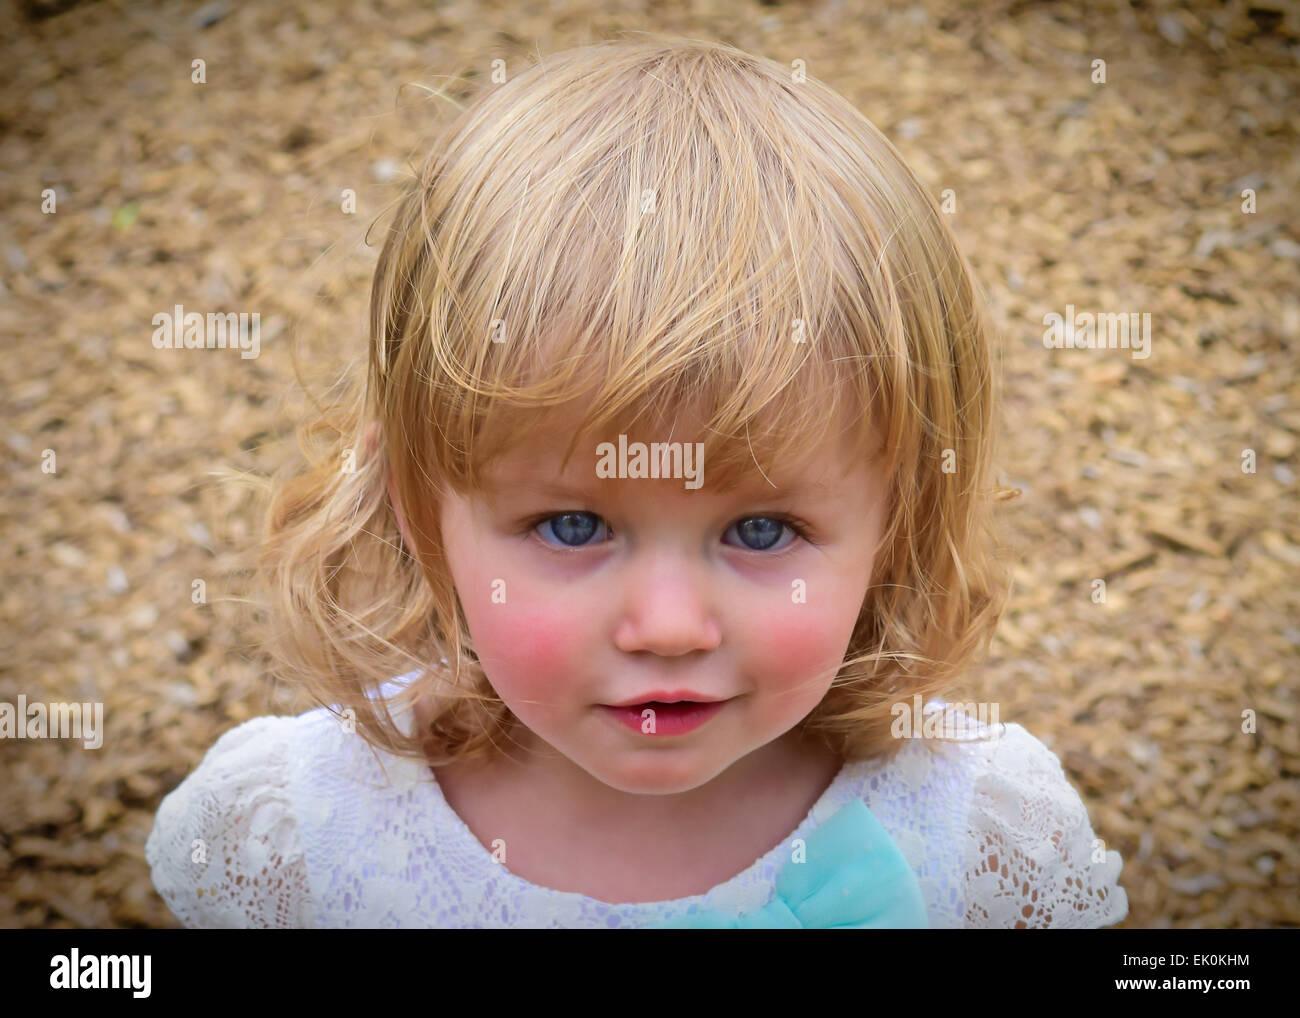 Retrato de una niña pequeña, rubia, en un parque Foto de stock